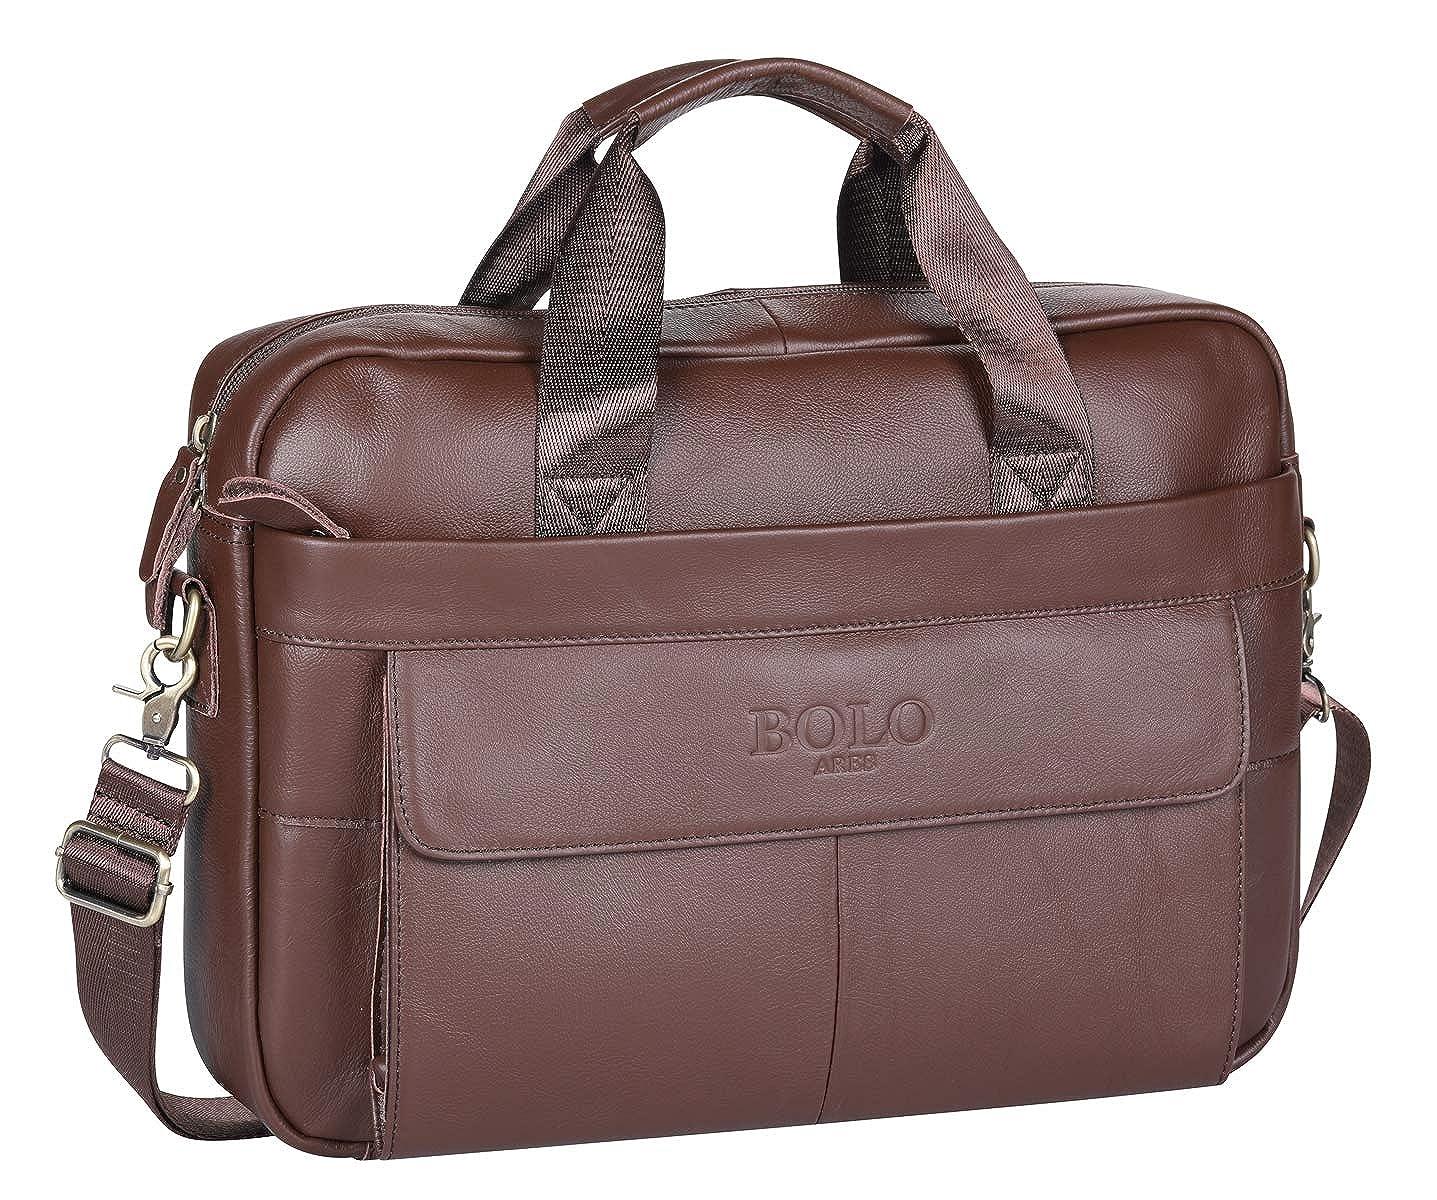 BOLO 13 14 pollici Cartella per laptop fatto a mano Pelle ventiquattrore Spalla aziendale Borsa da lavoro